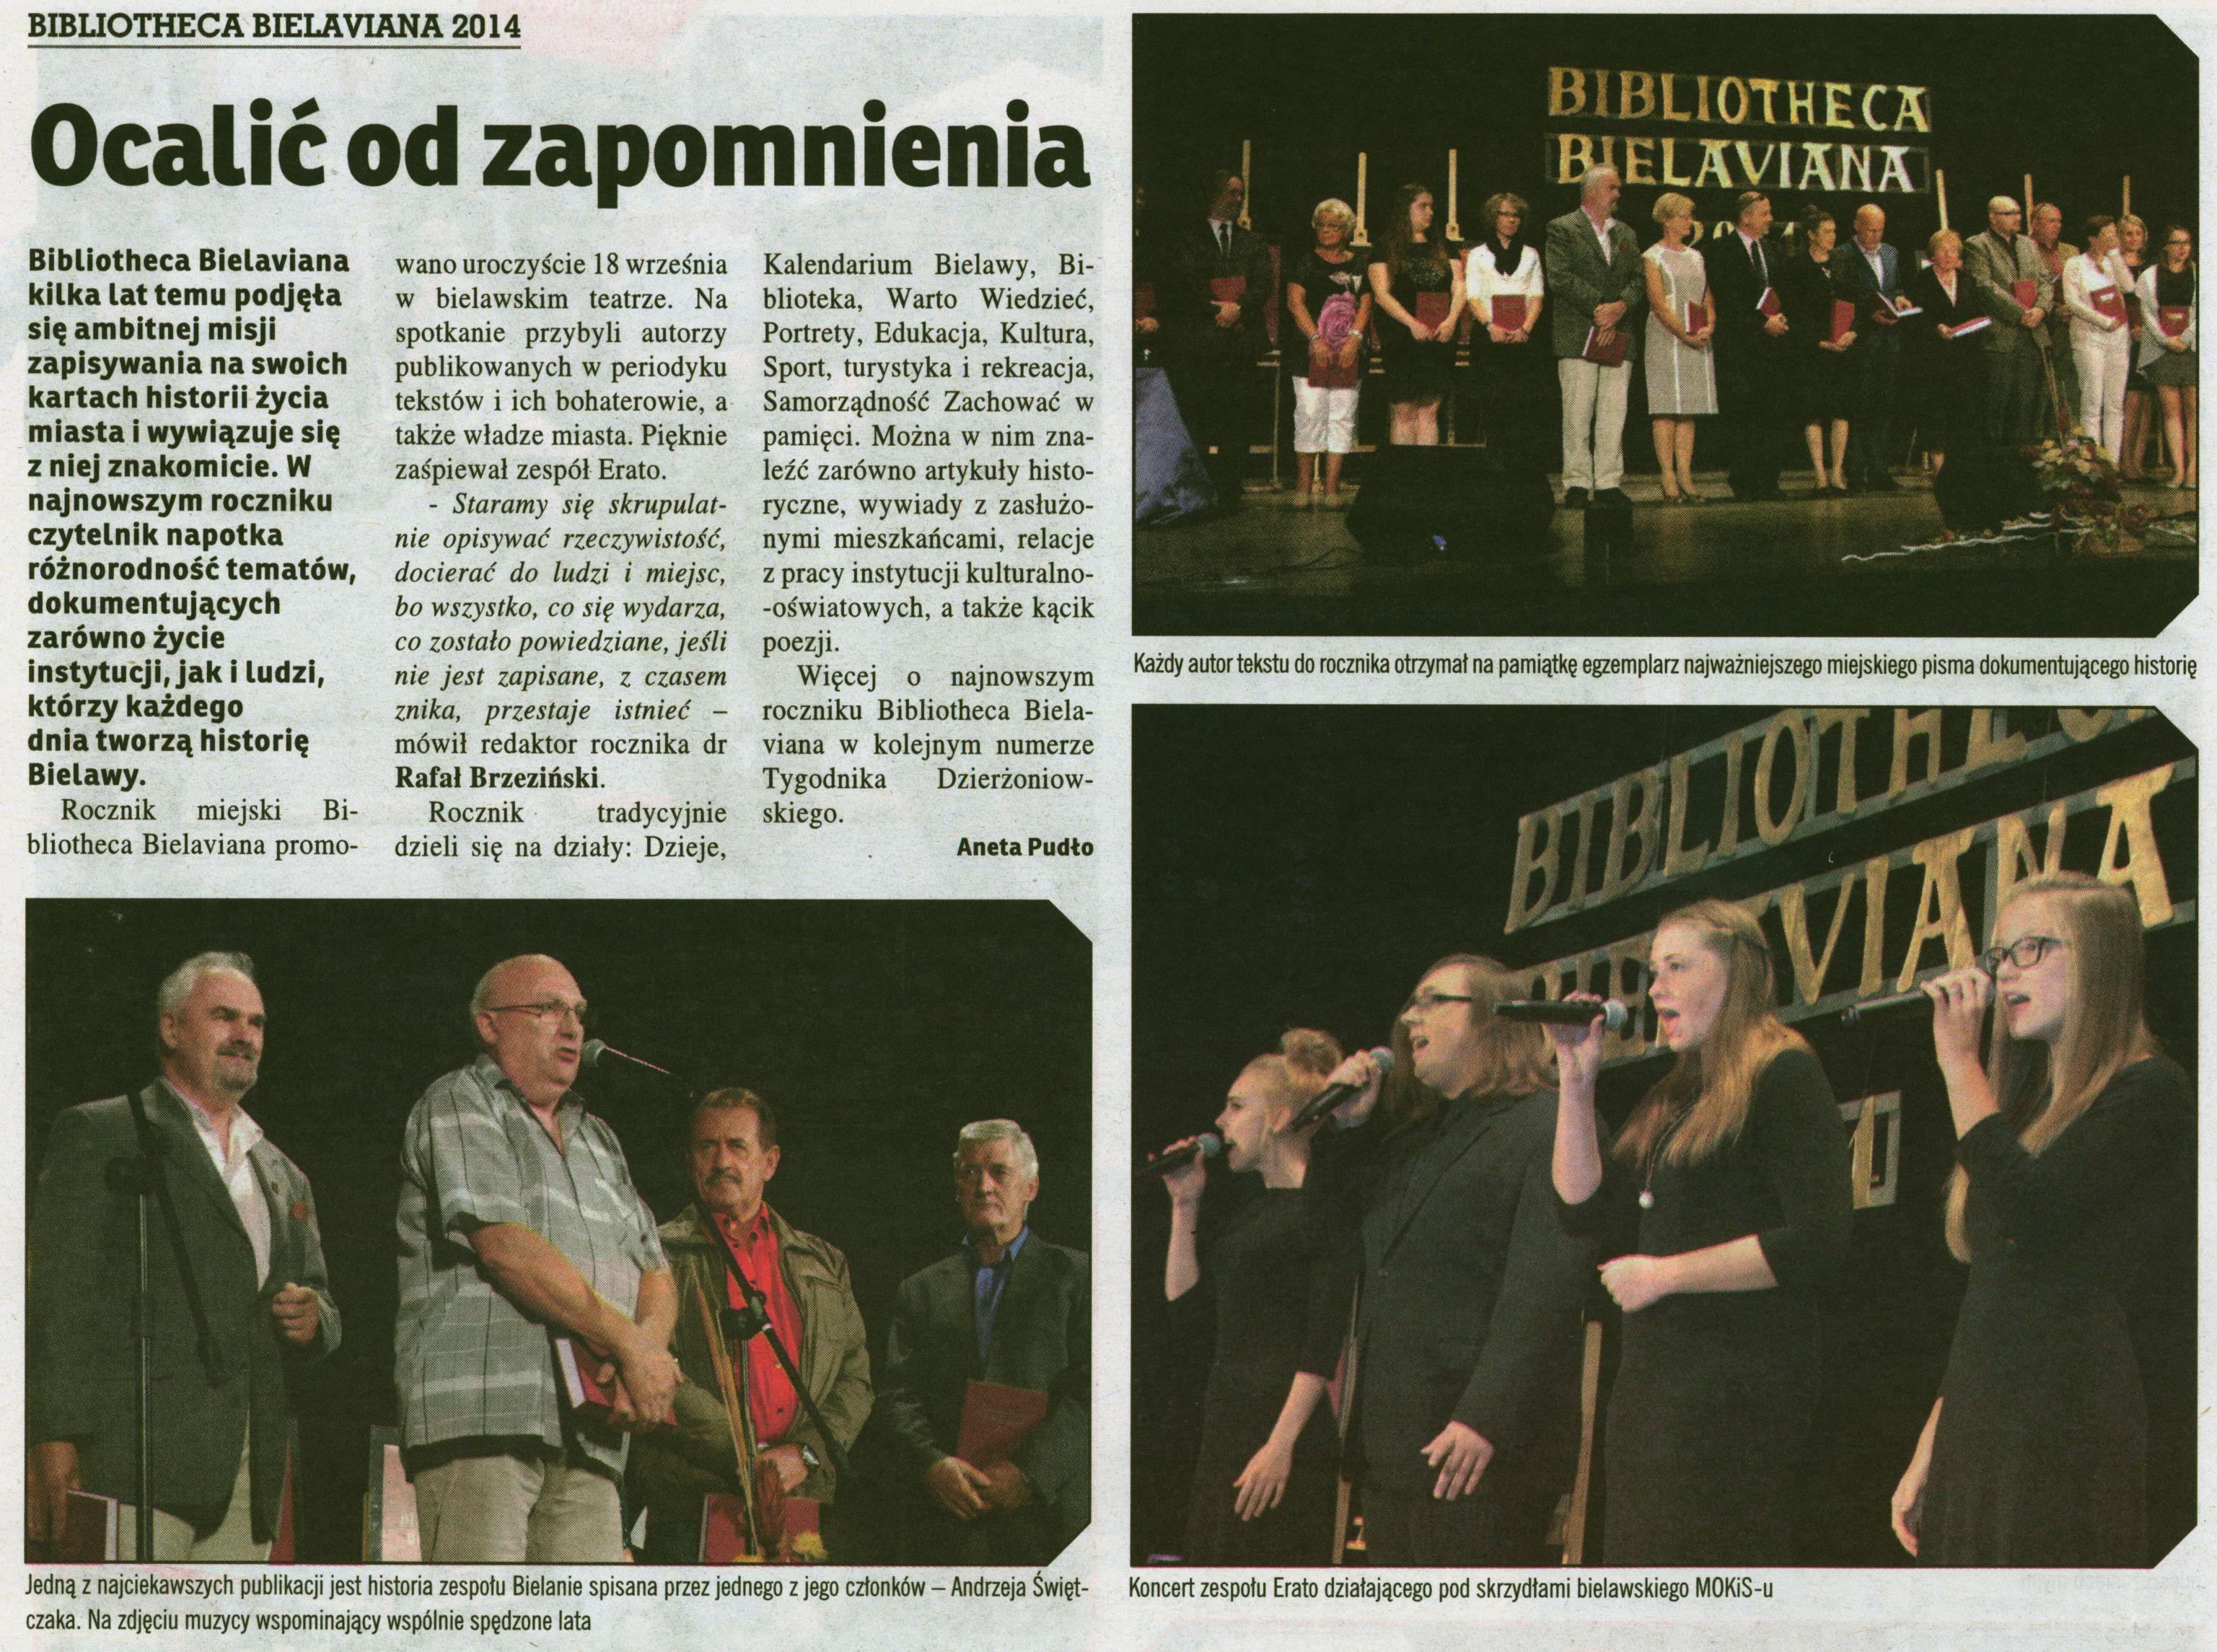 Promocja Bibliotheca Bielaviana 2014 Bielawa (1)